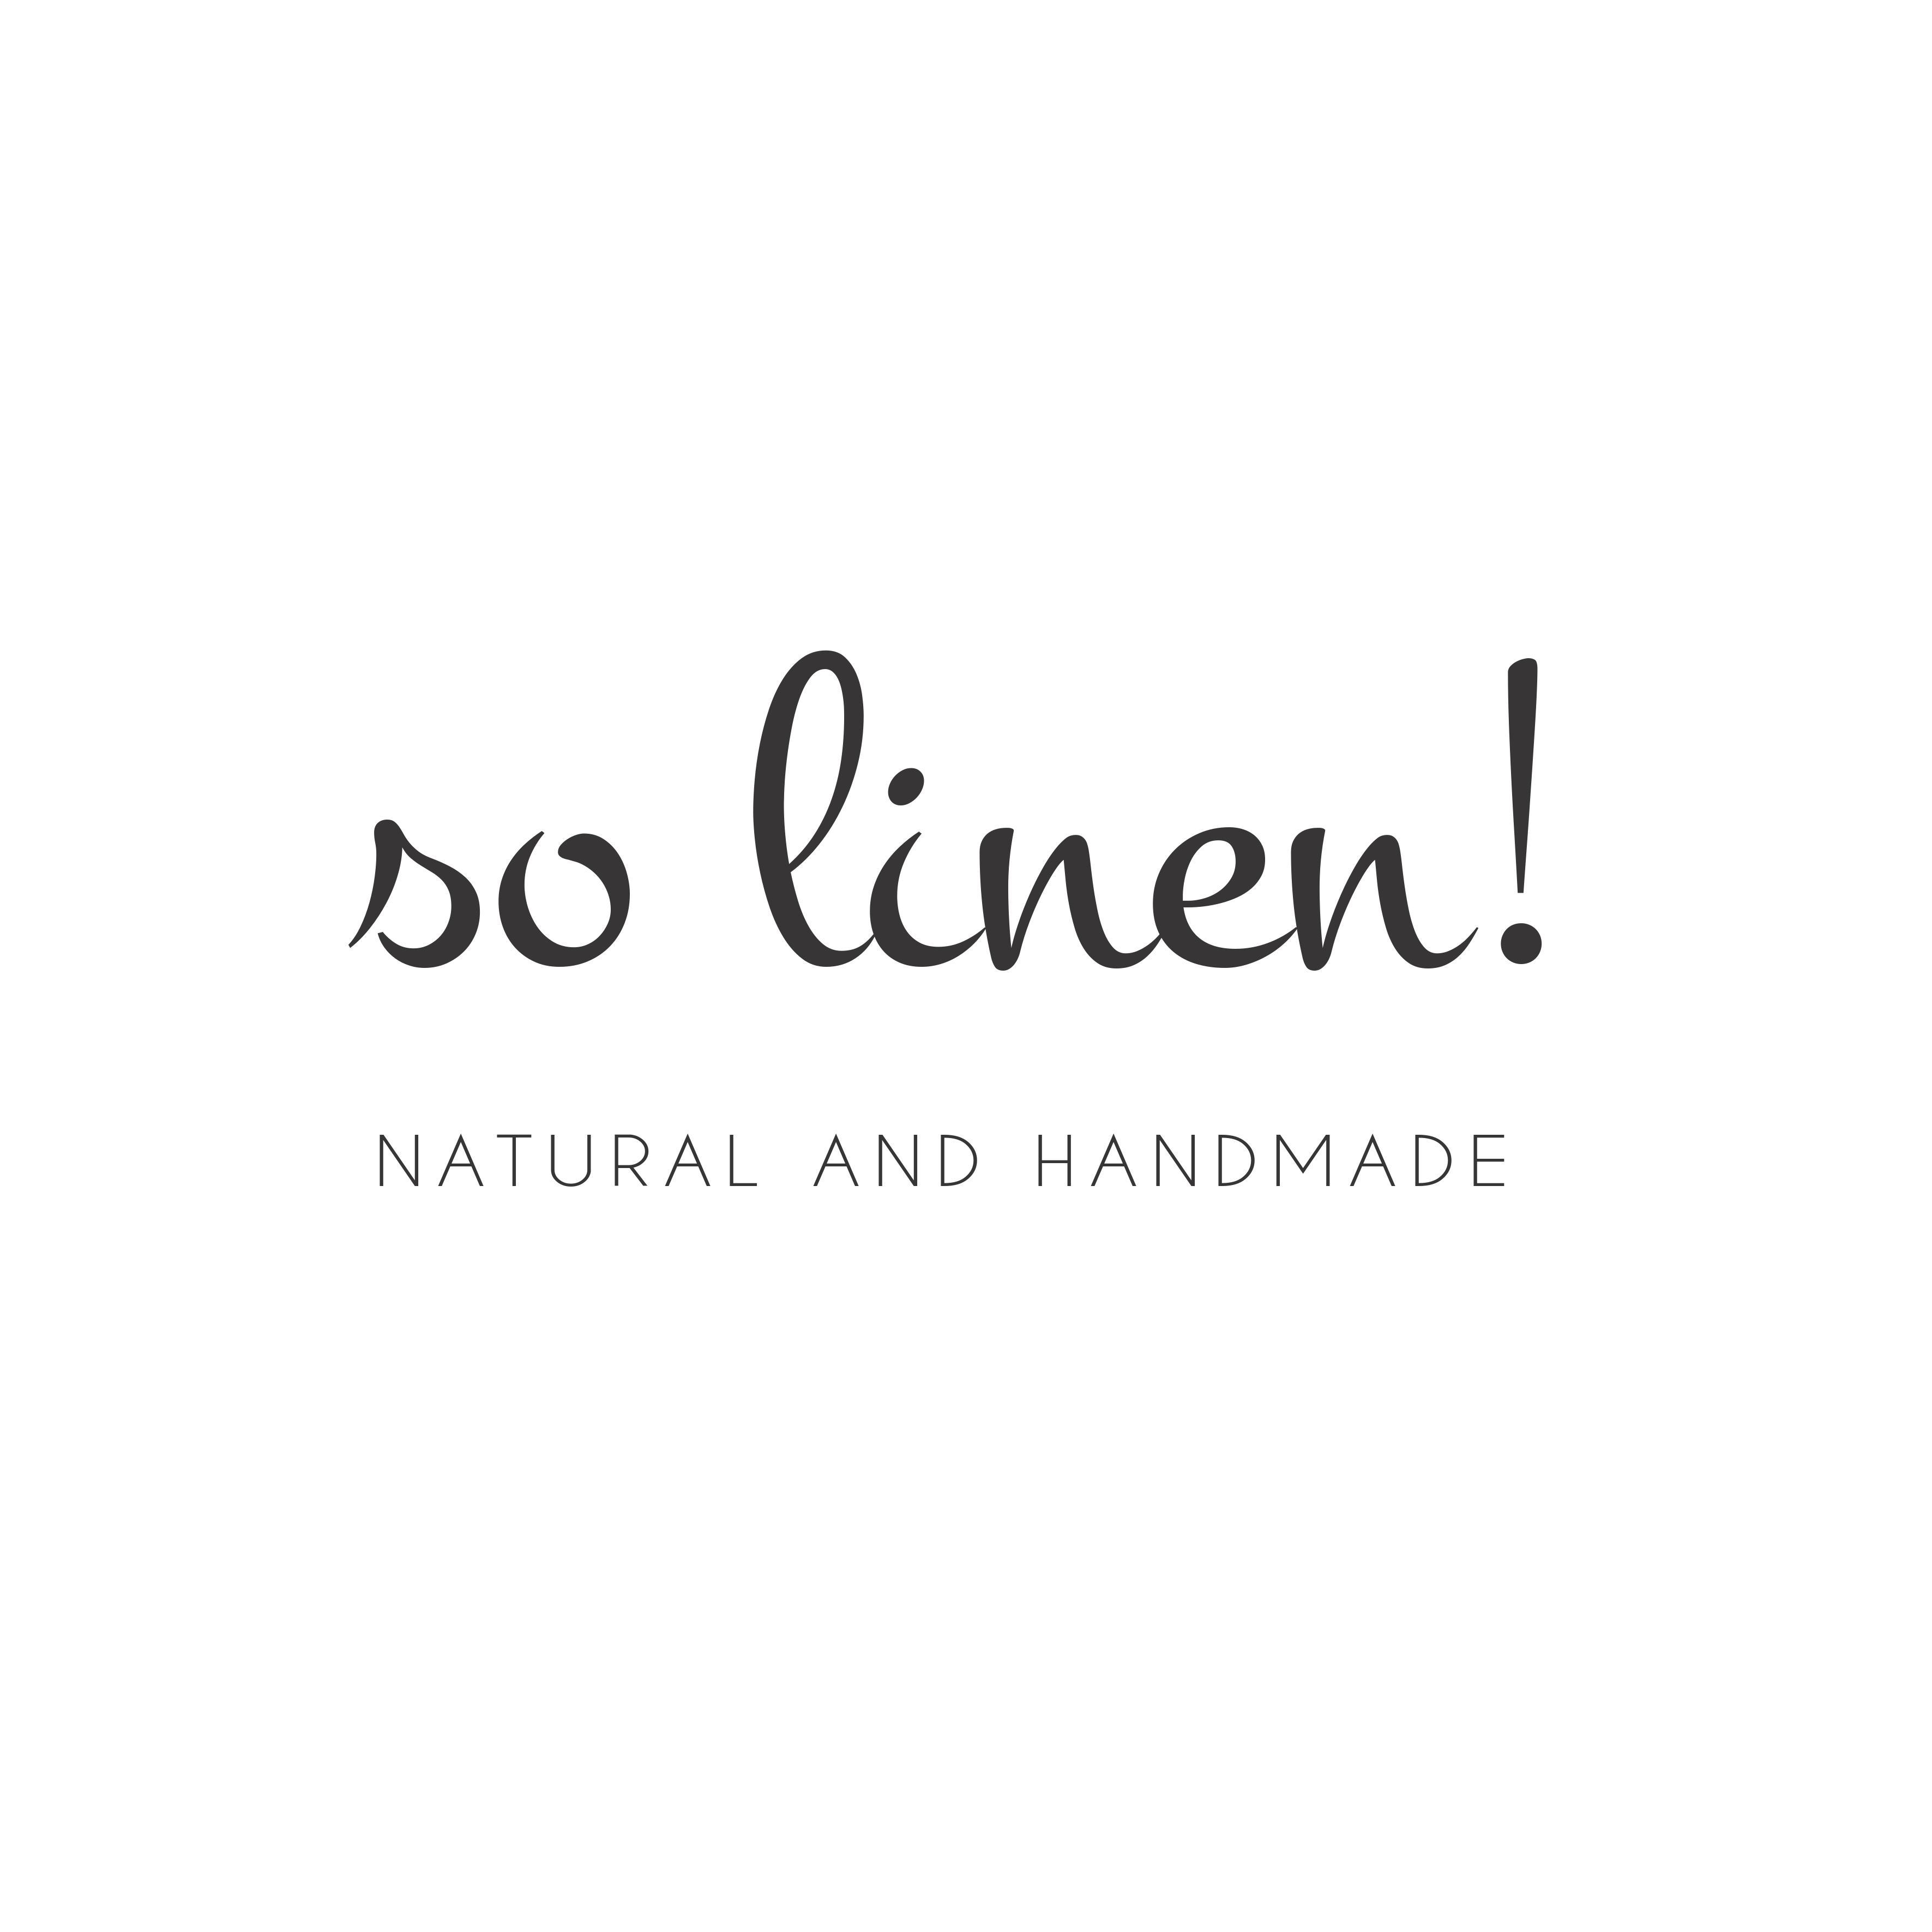 so linen!